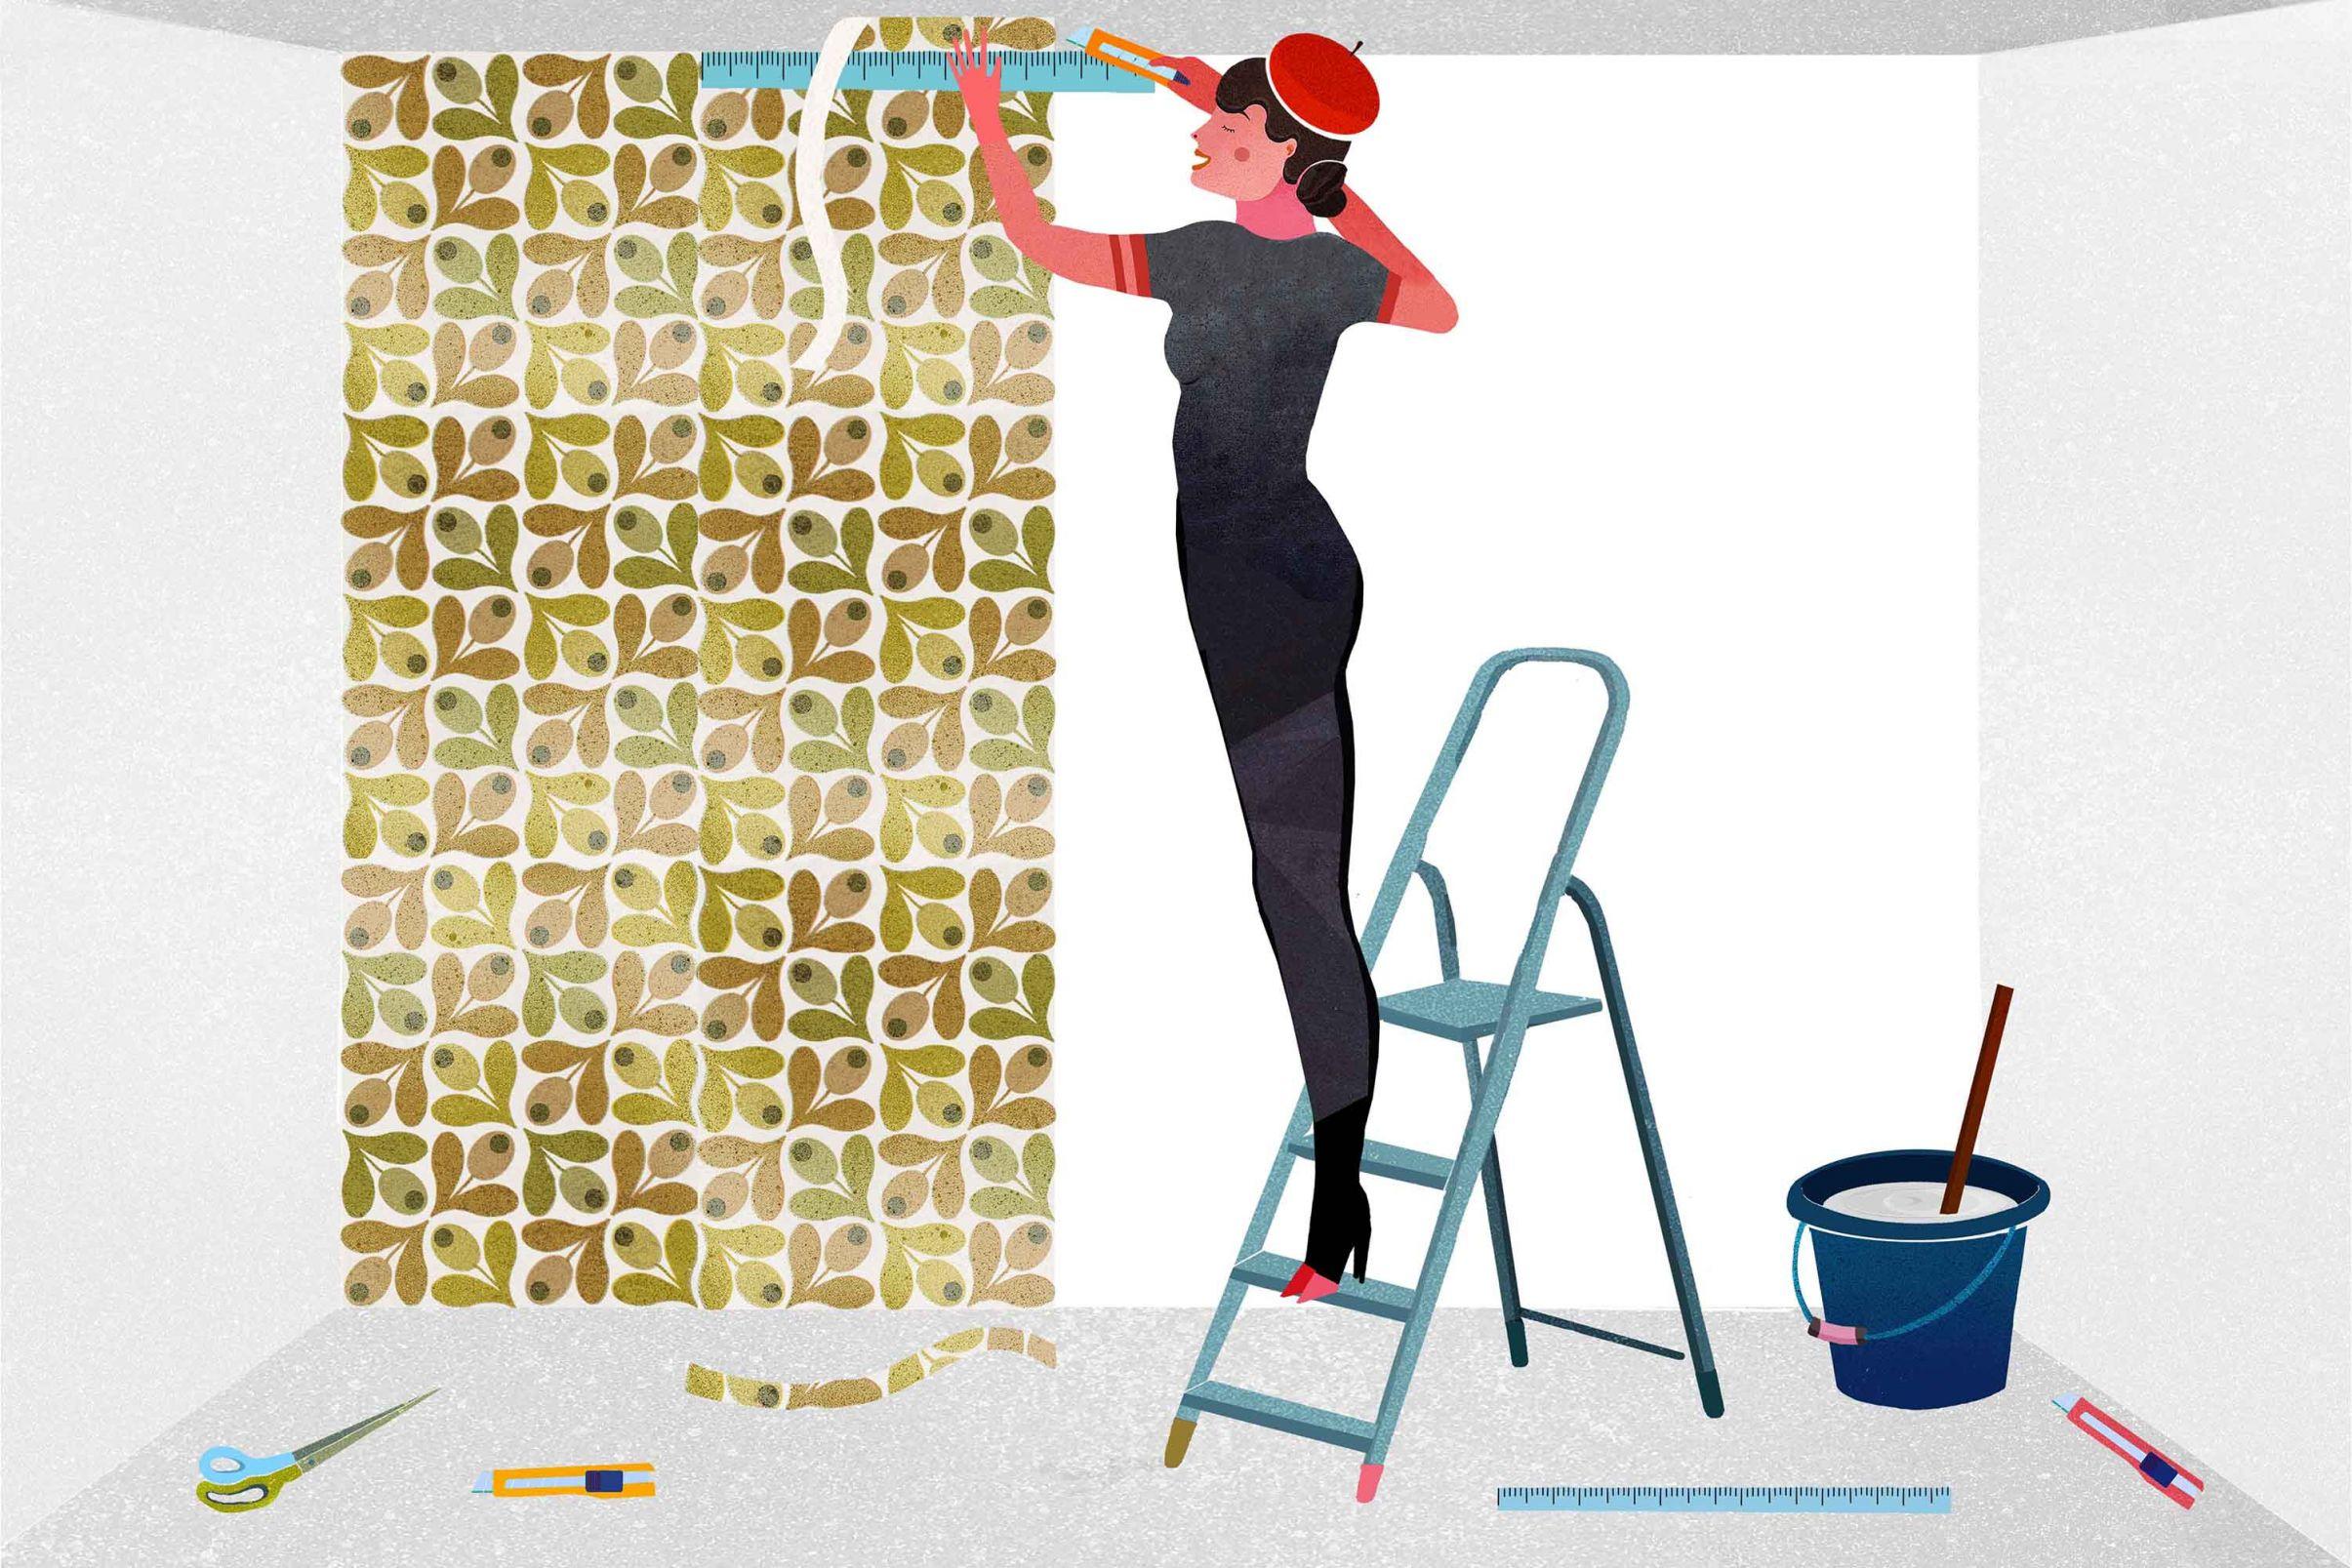 Comment-poser-un-papier-peint-intisse-Couper-les-excedents